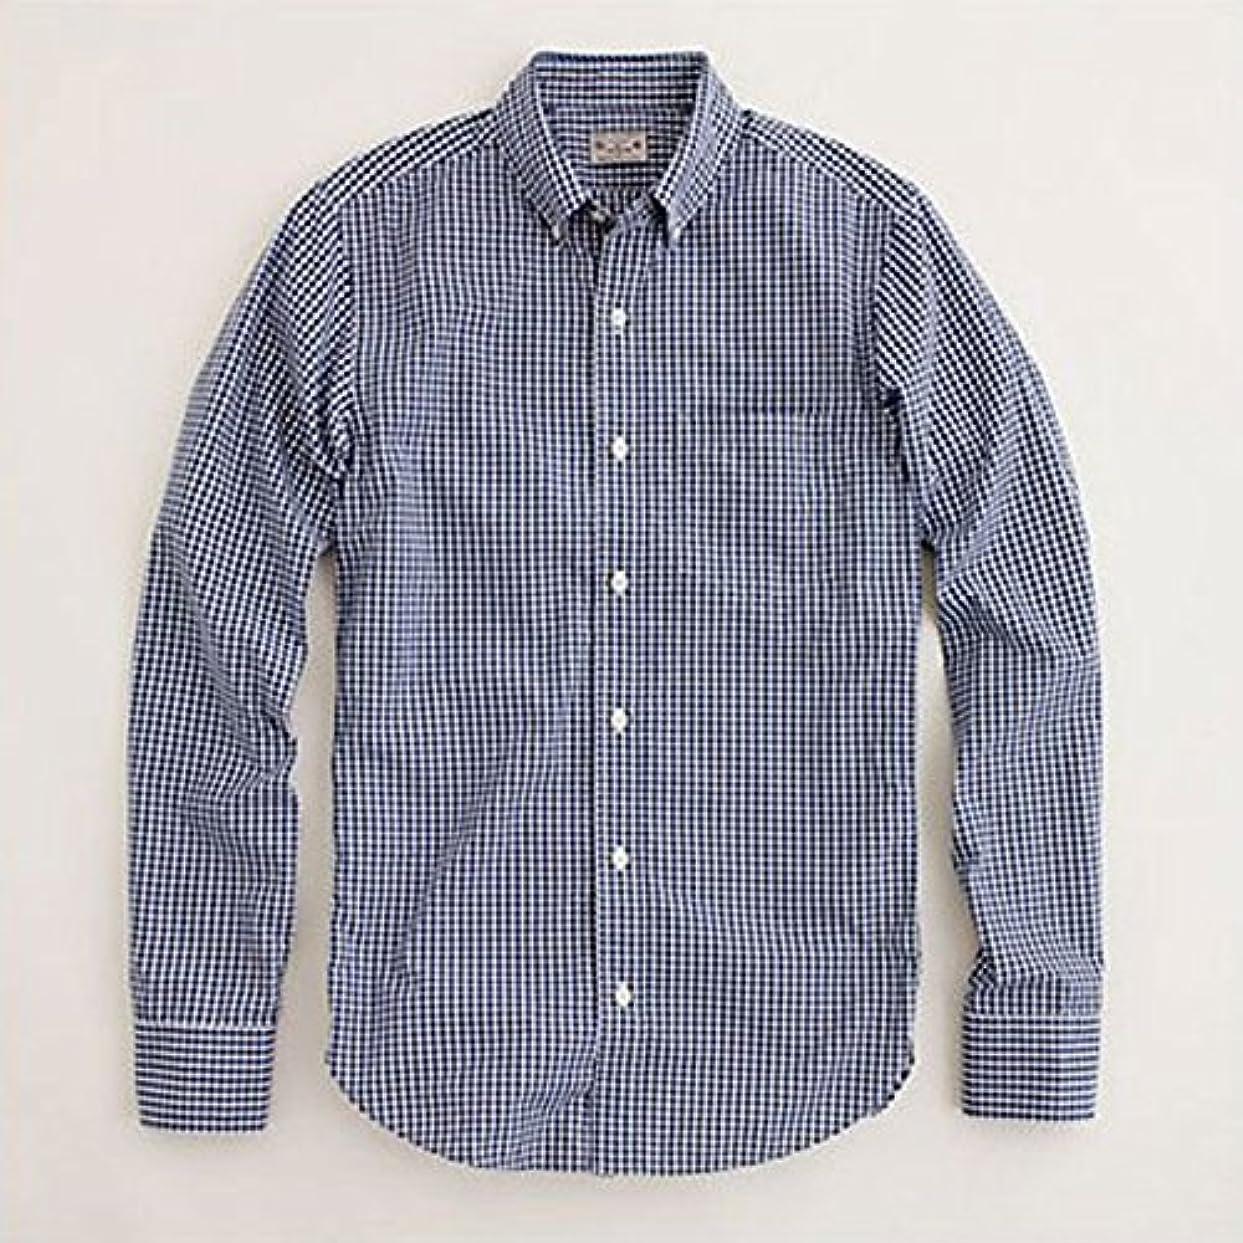 憎しみ奨励判読できない[ジェイクルー] J.CREW 正規品 メンズ 長袖シャツ SLIM WASHED SHIRT 並行輸入品 (コード:4075763842)